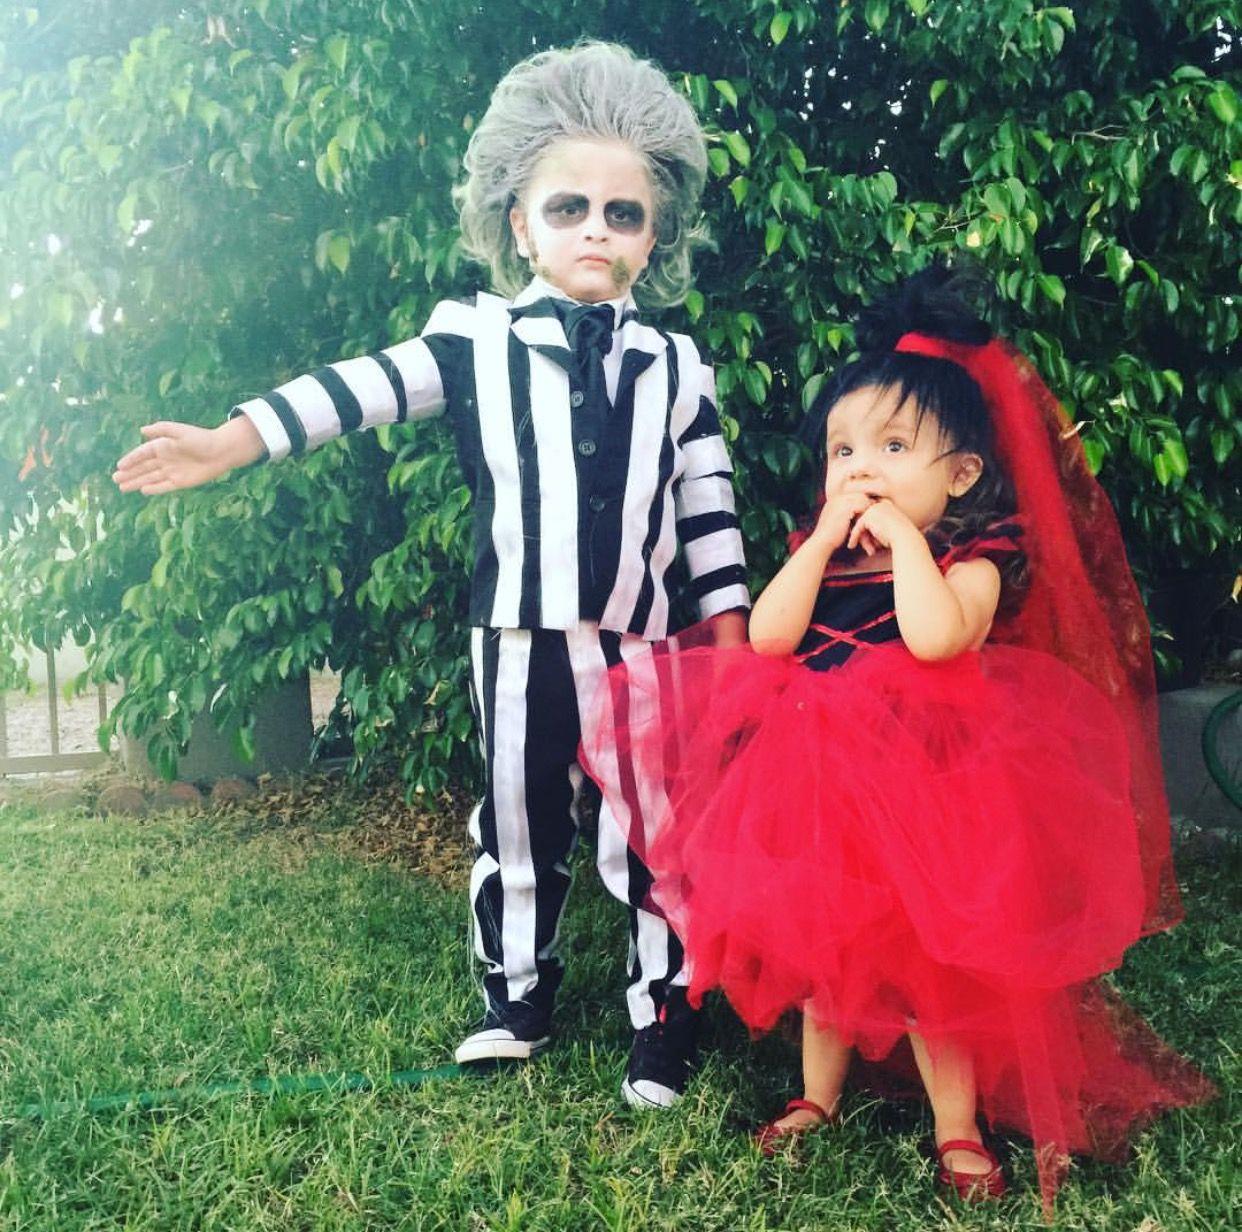 Beetlejuice Kids Costume Daughter Halloween Costumes Beetlejuice Halloween Costume Halloween Costumes For Kids